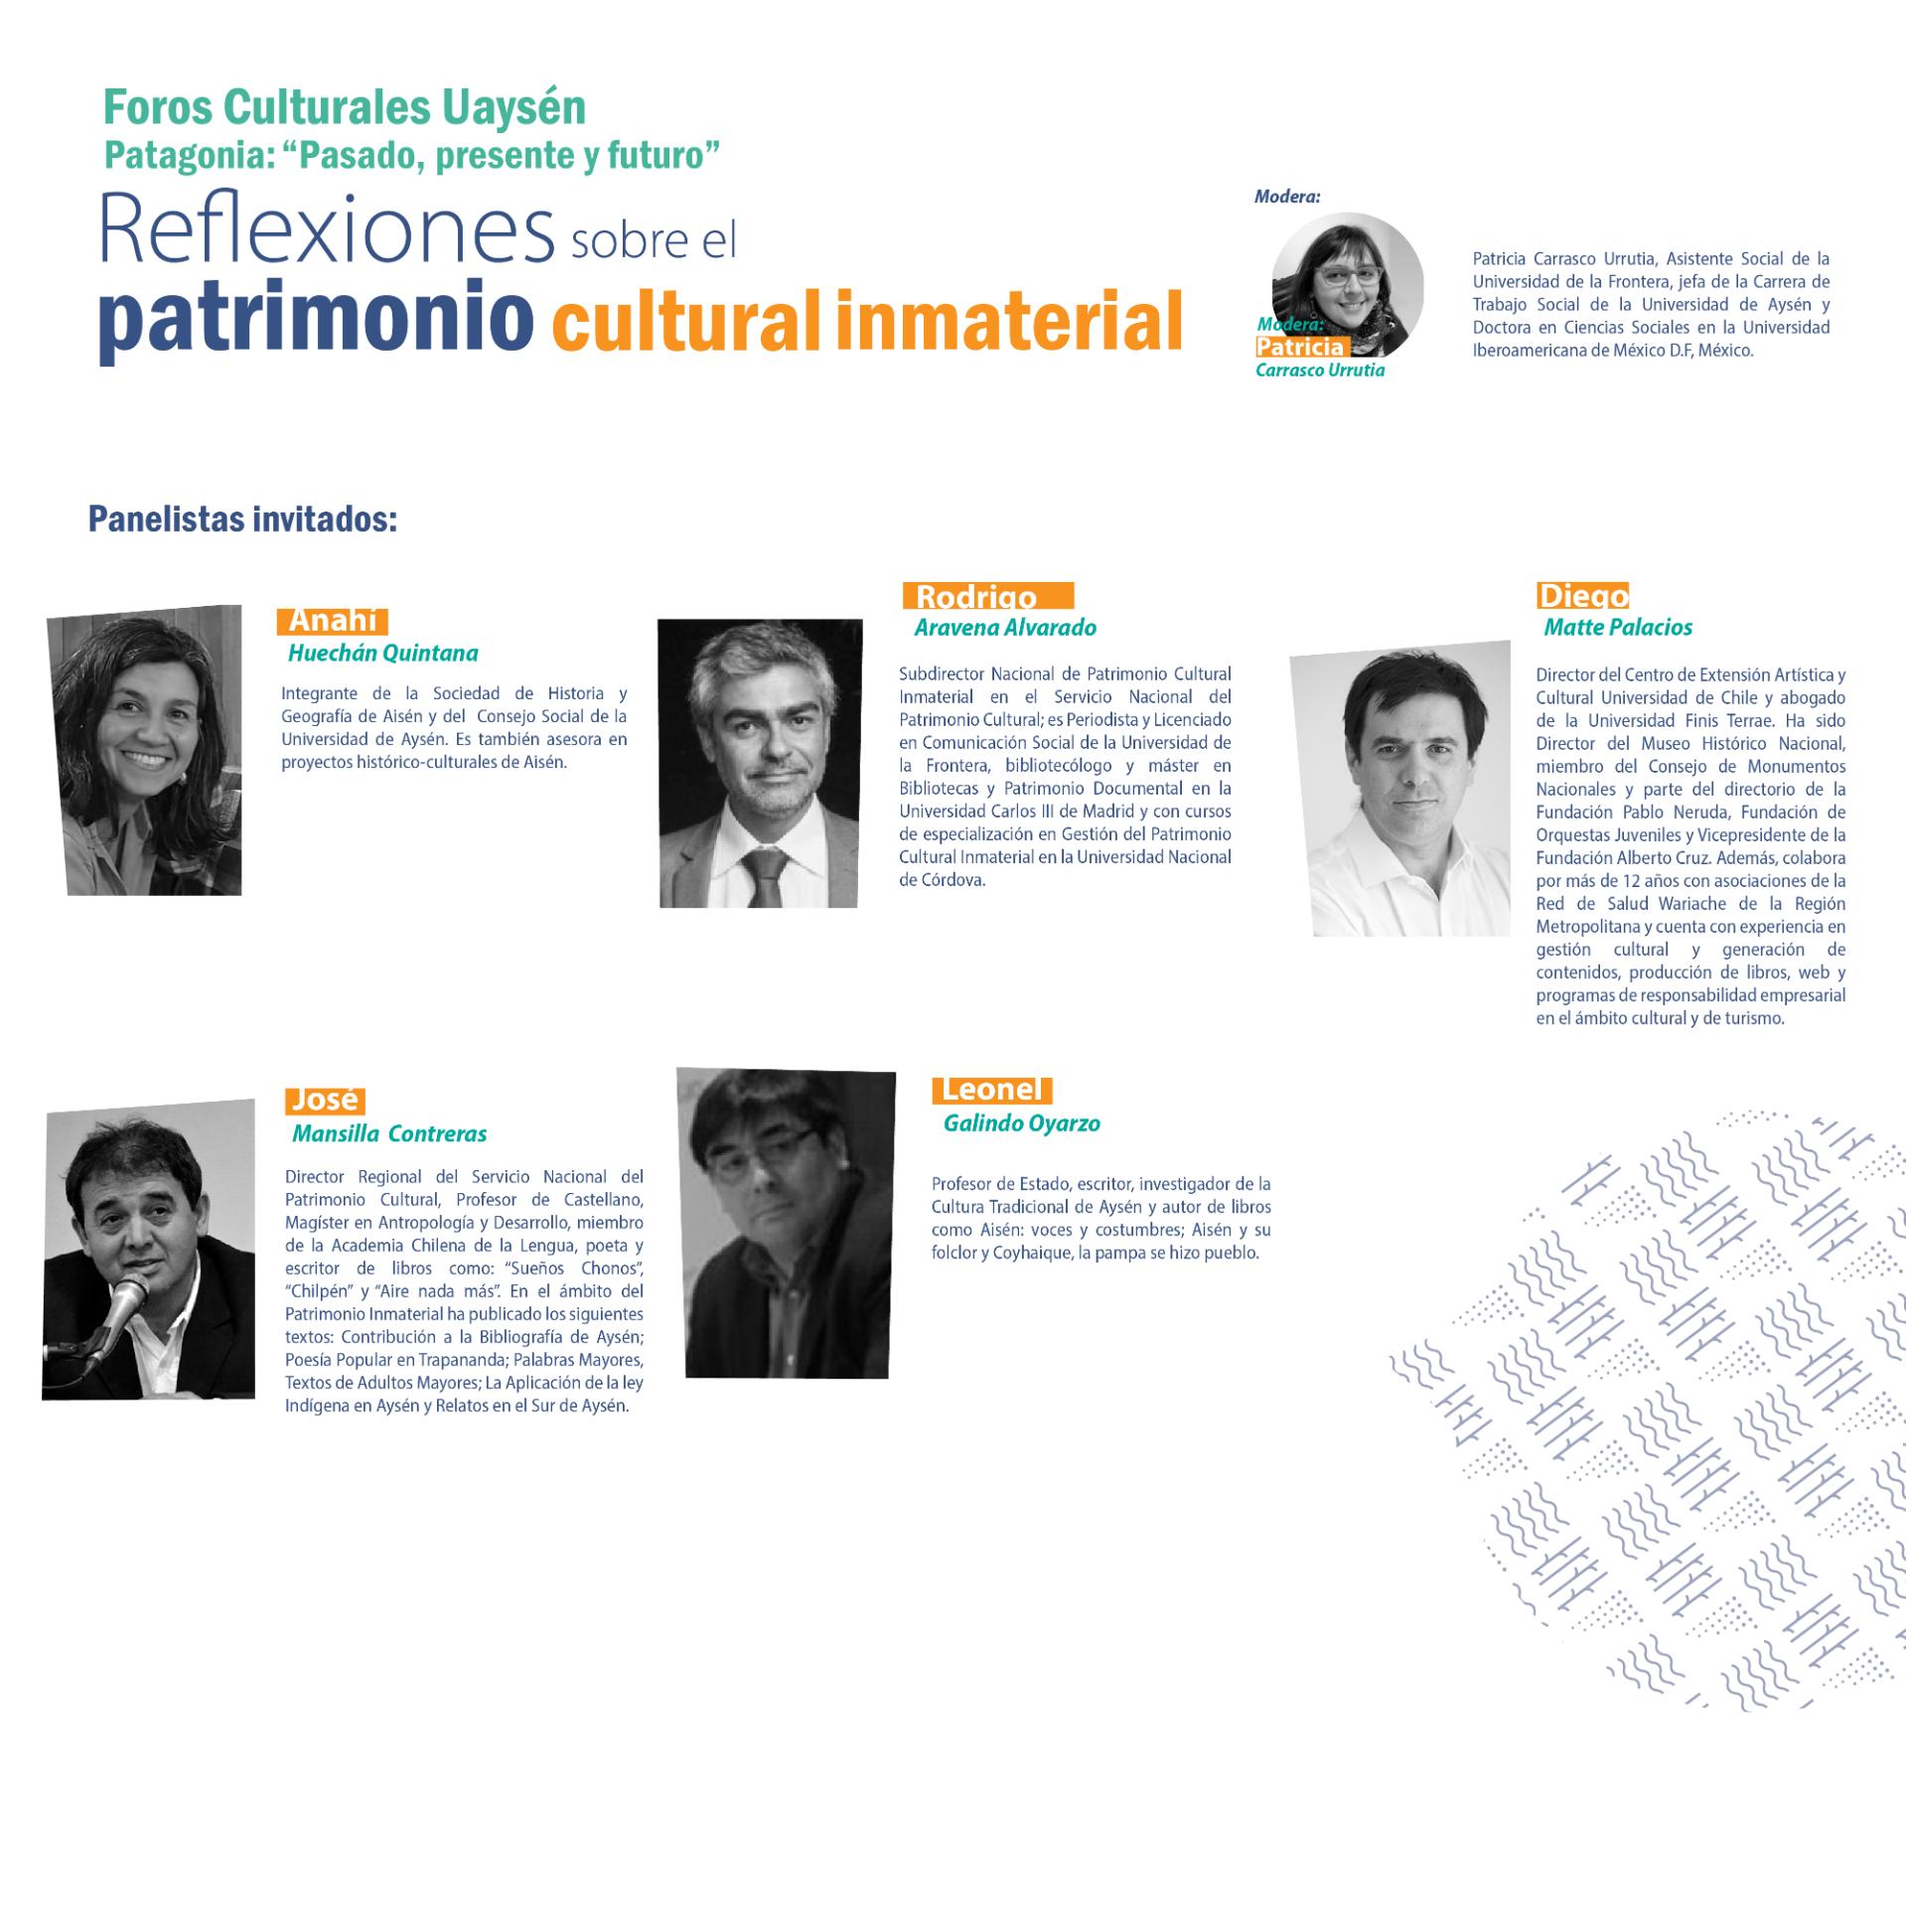 """Foros Culturales UAysén """"Patagonia: Pasado, presente y futuro"""" Reflexiones sobre el patrimonio cultural inmaterial"""